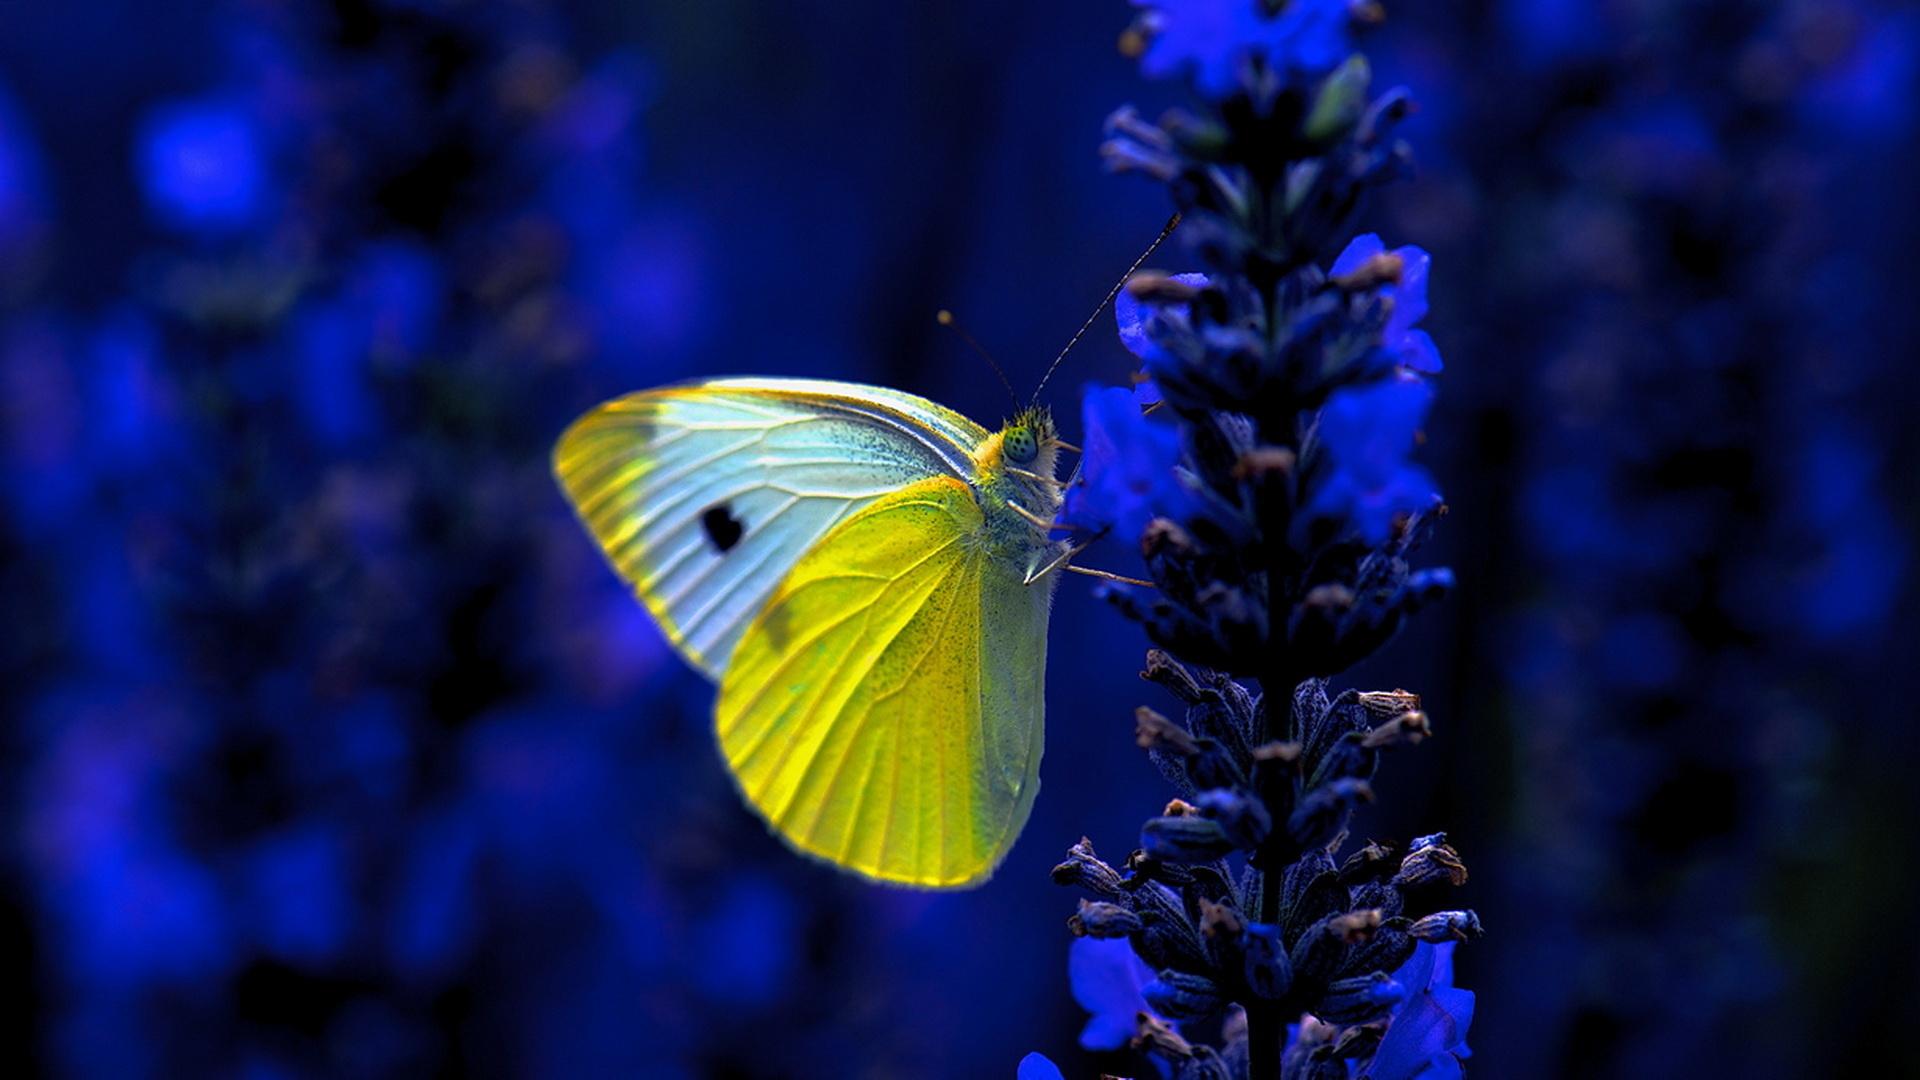 природа бабочка животные цветы синие скачать